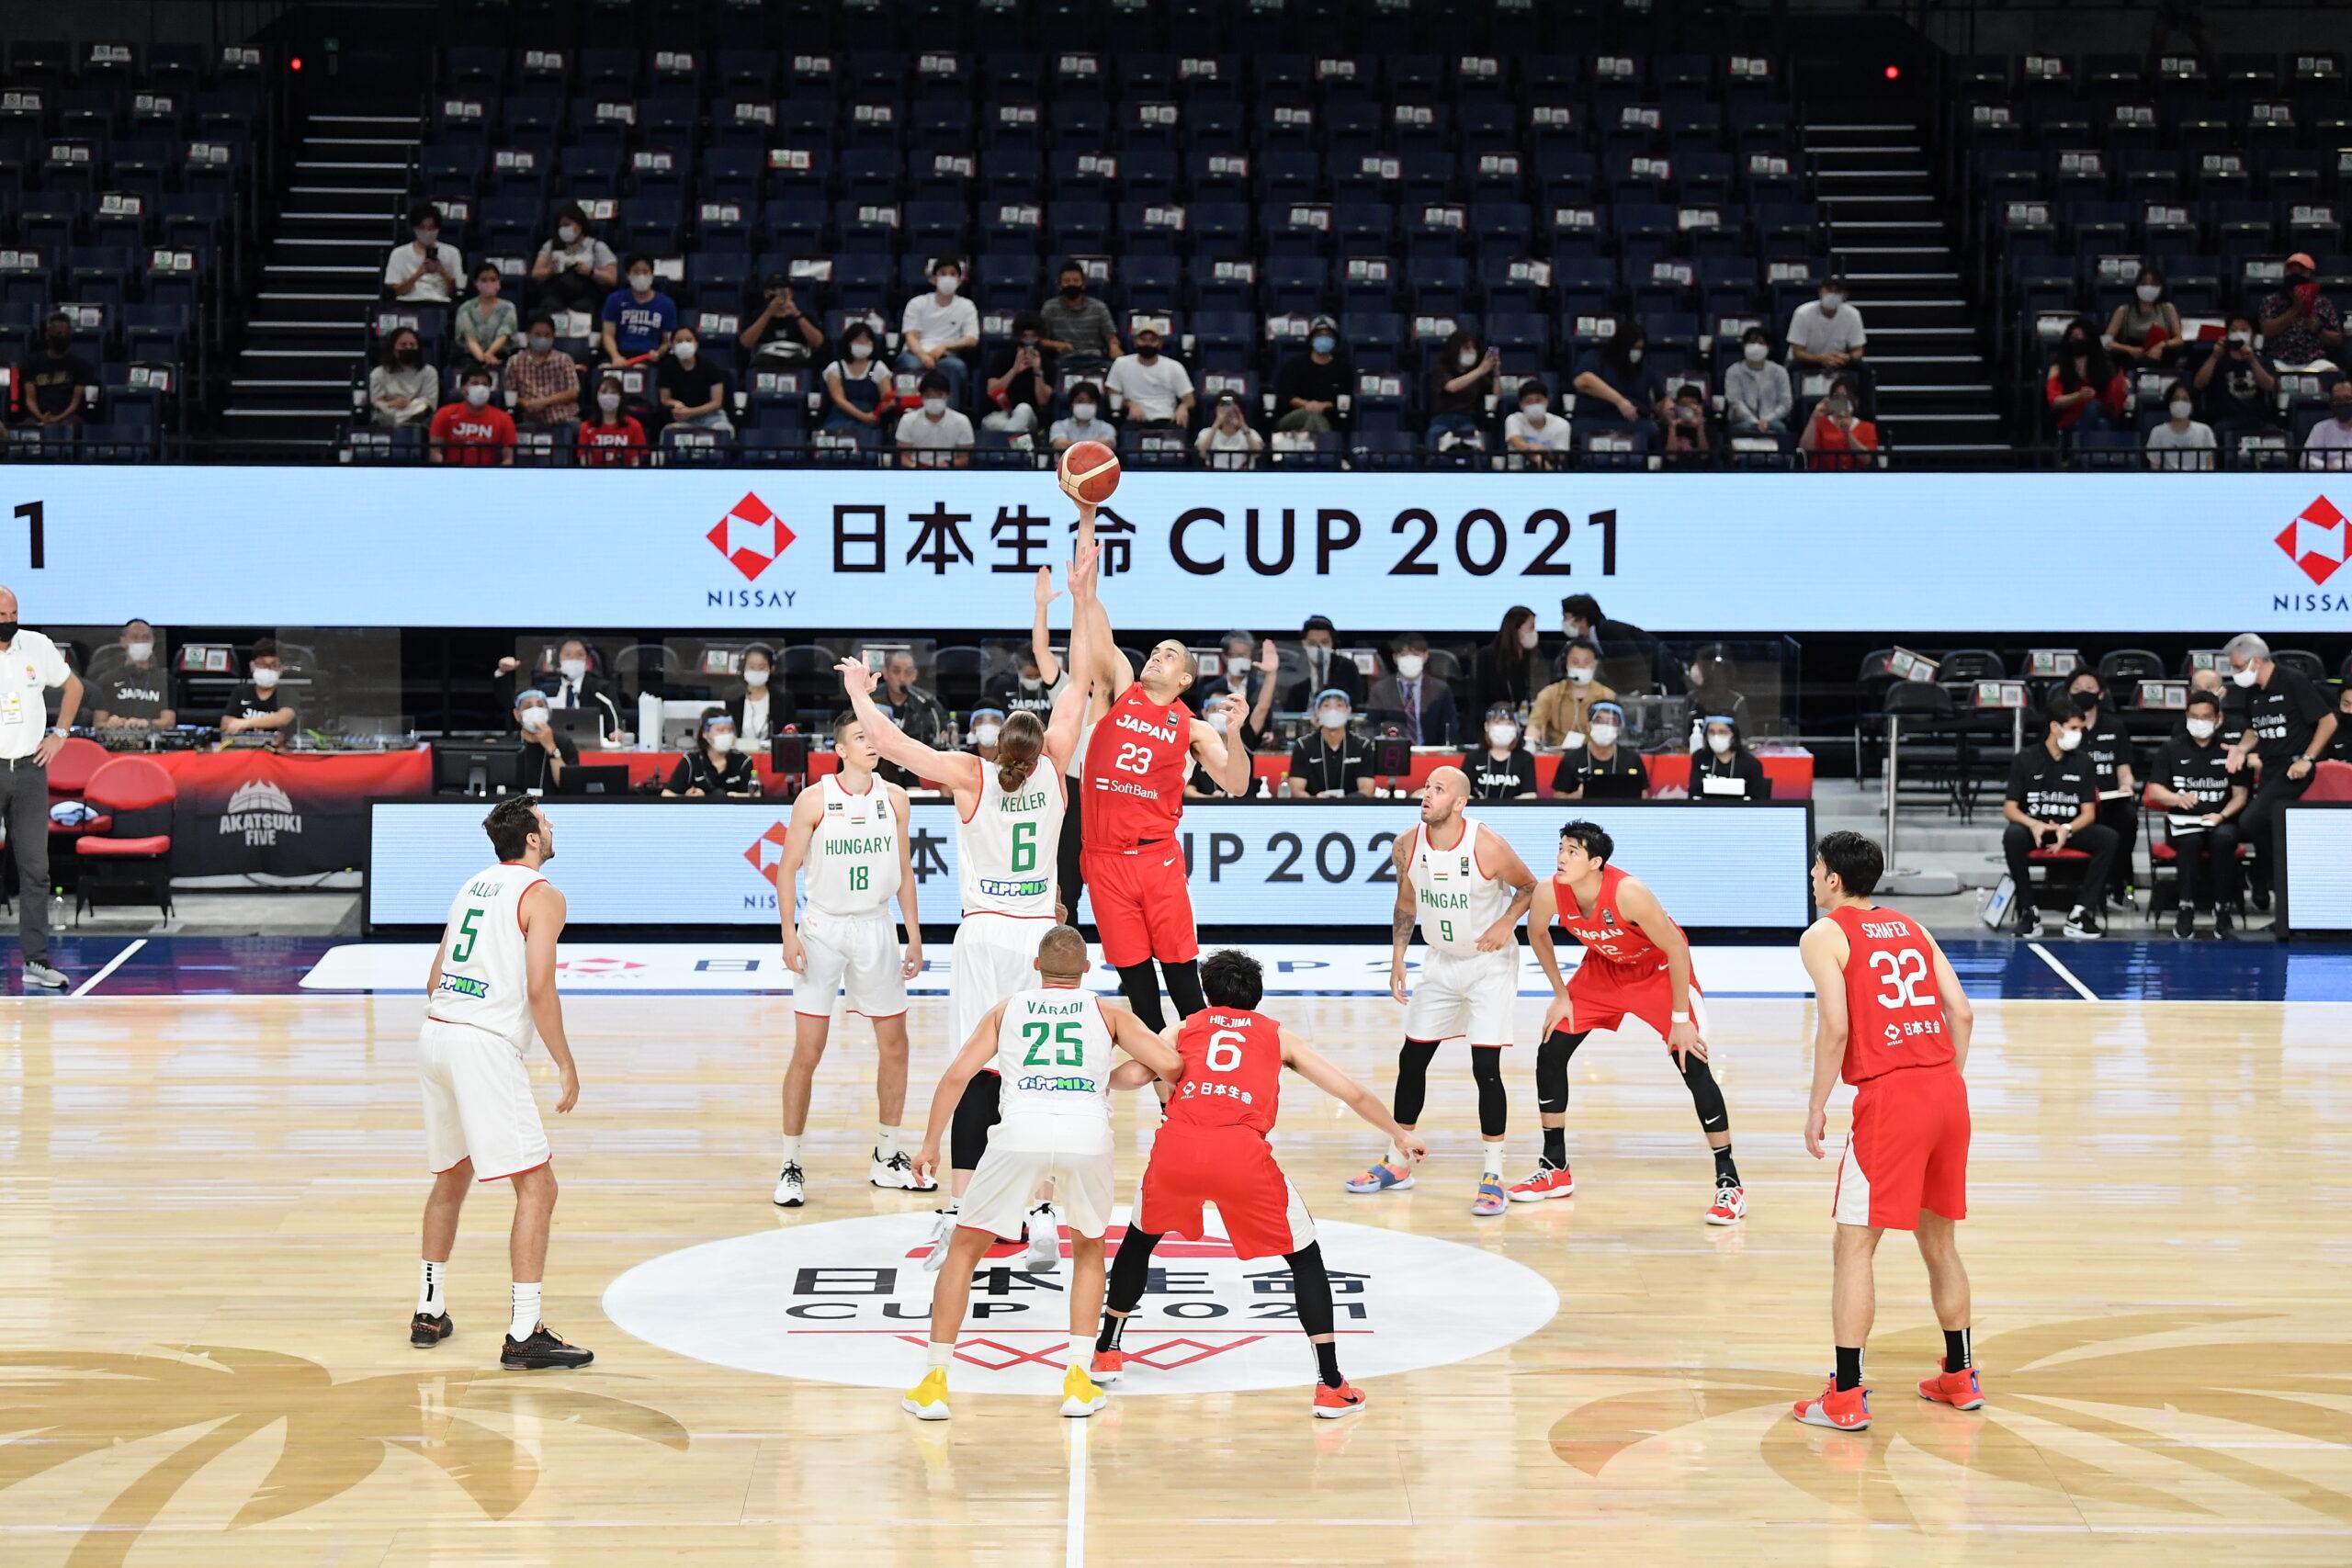 日本代表 vs ハンガリー代表 日本生命CUP2021 in沖縄アリーナ